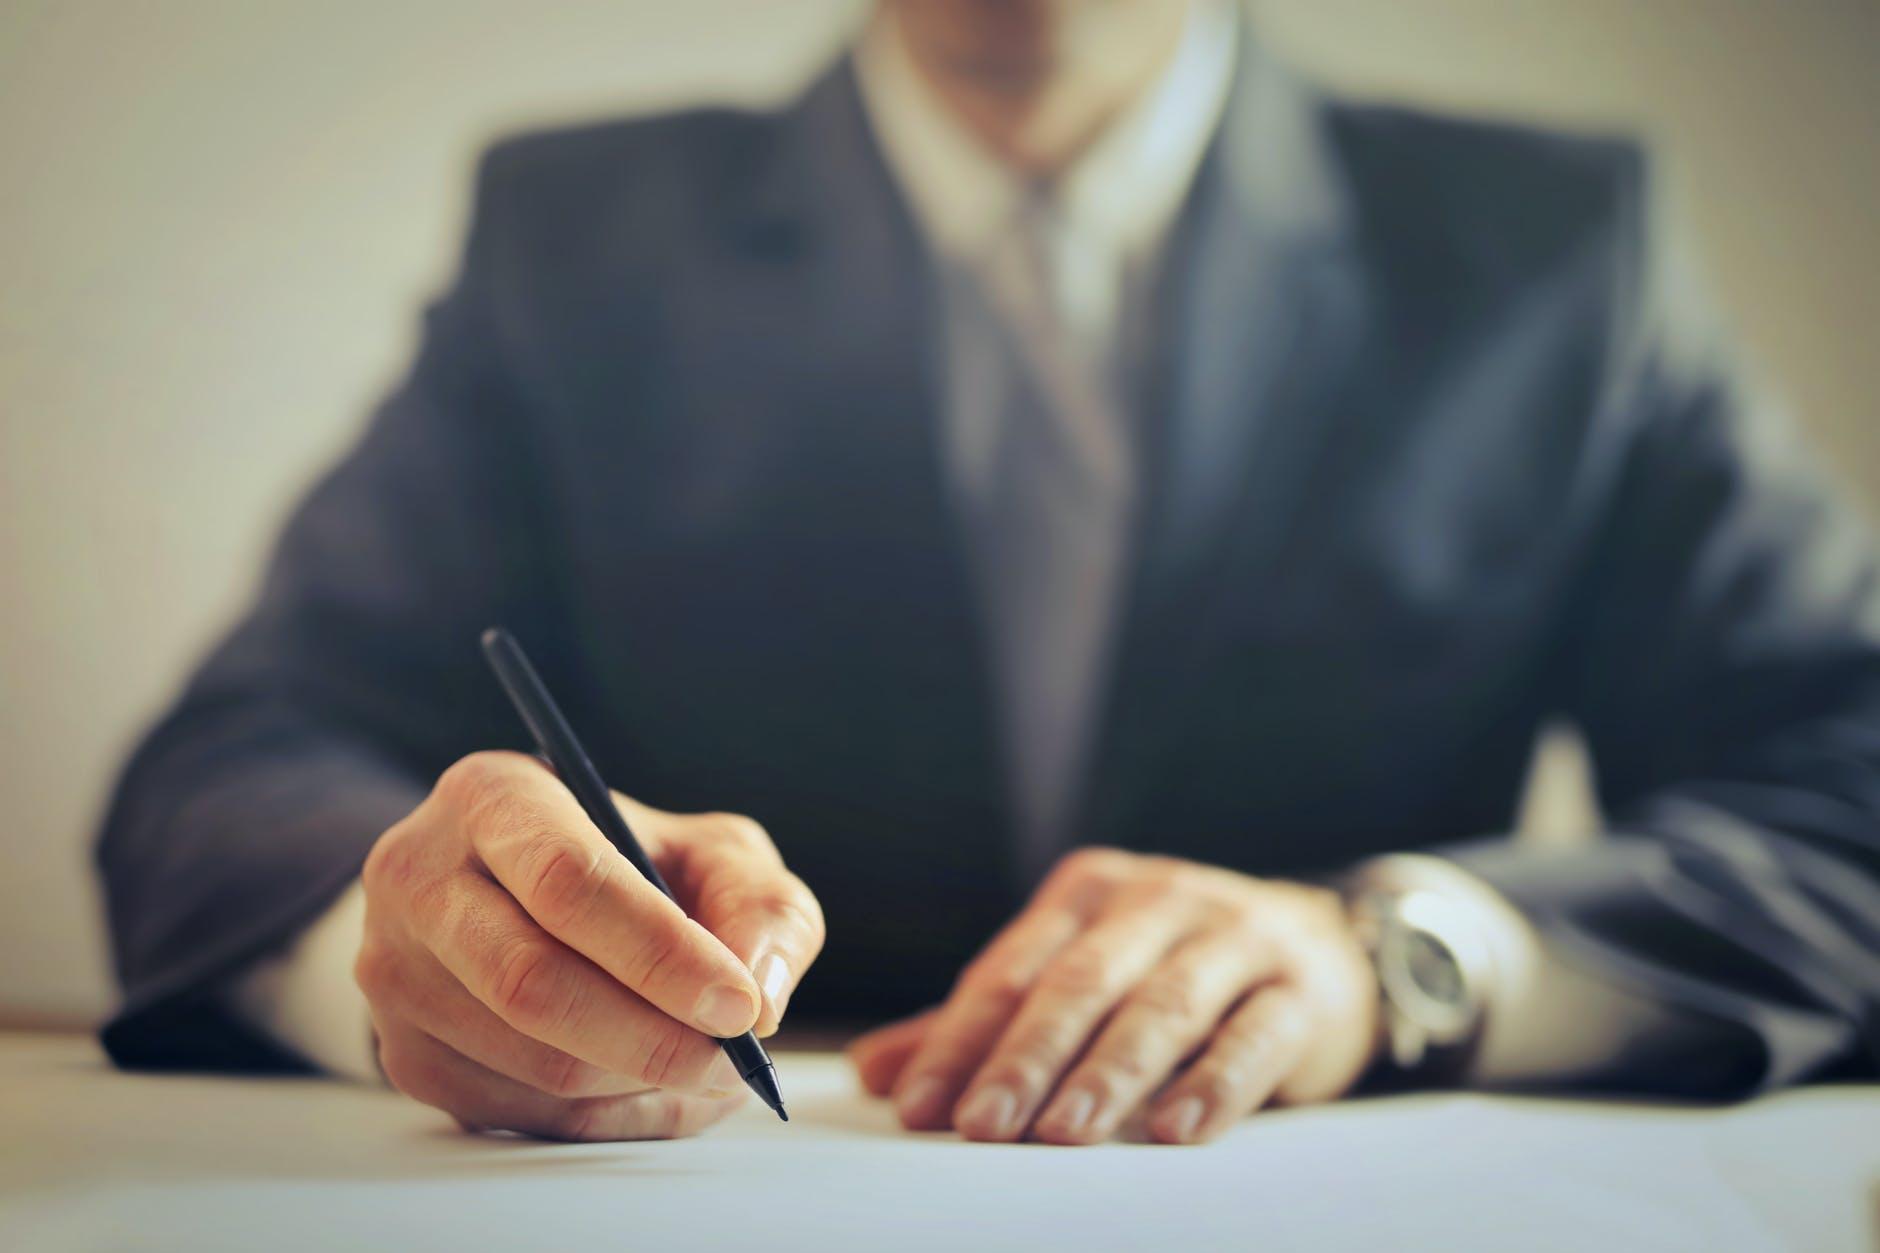 Quy trình xử lý kỷ luật lao động